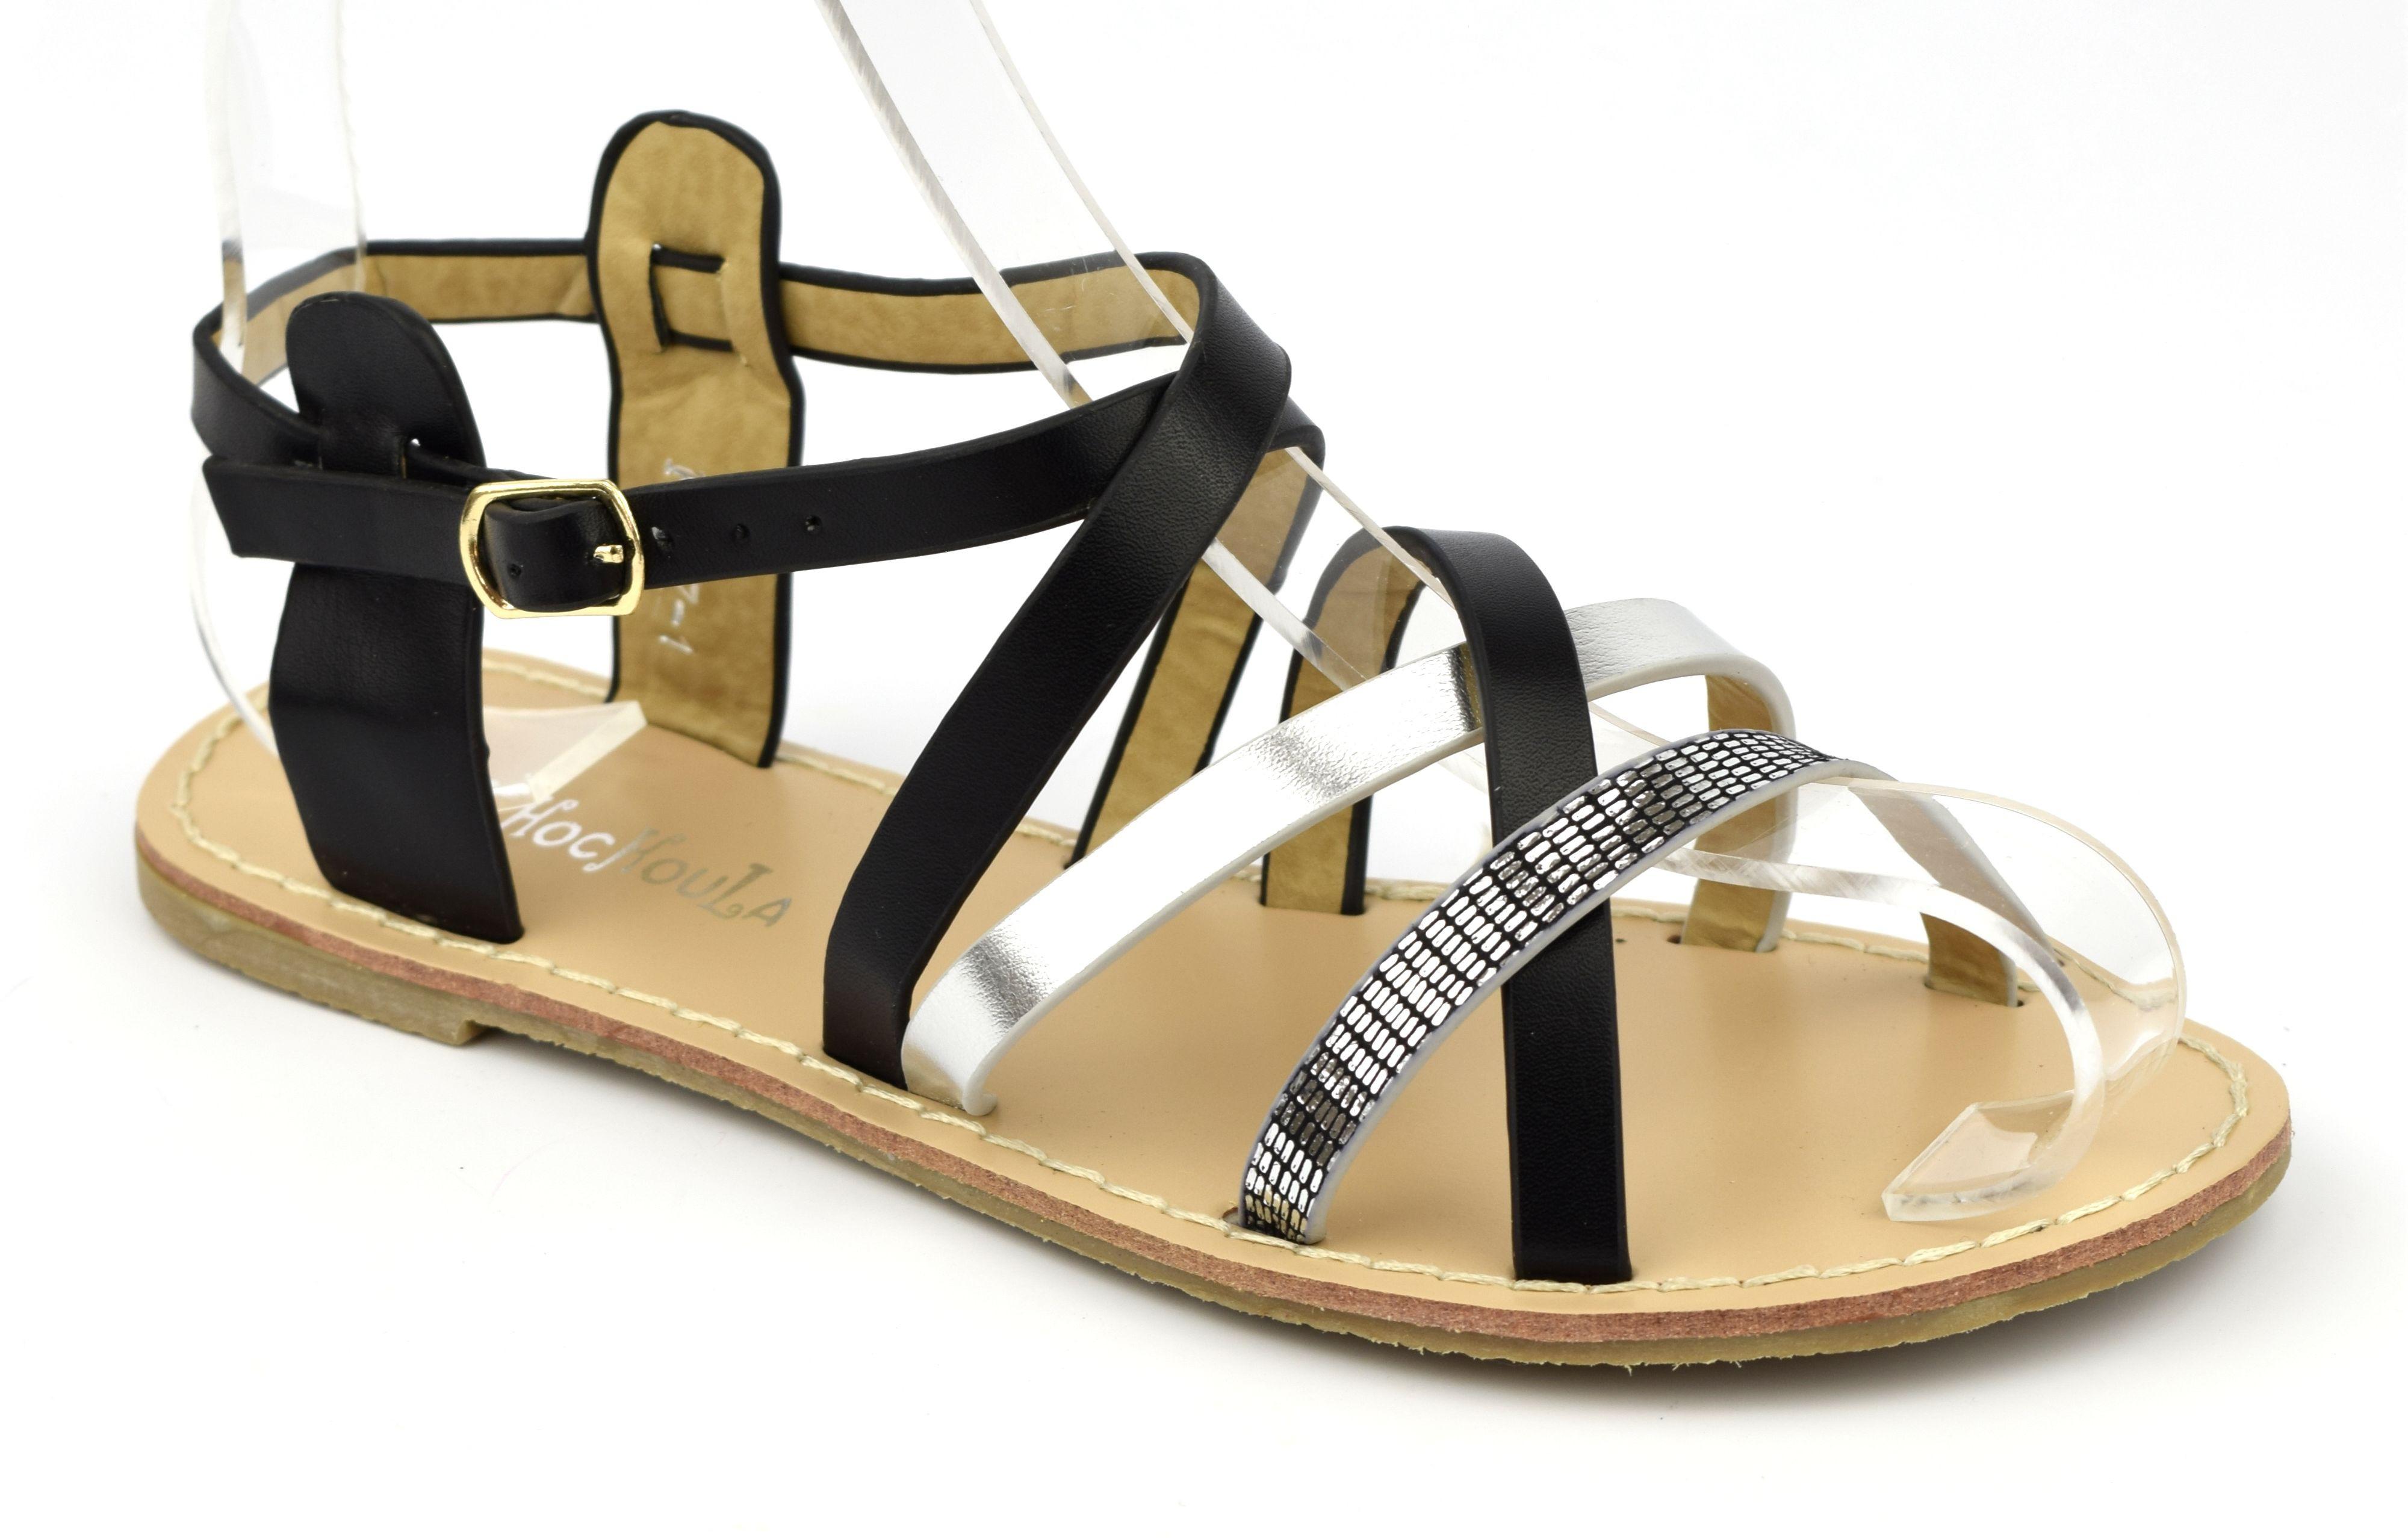 Sandales style tropéziennes, aspect cuir mat marron